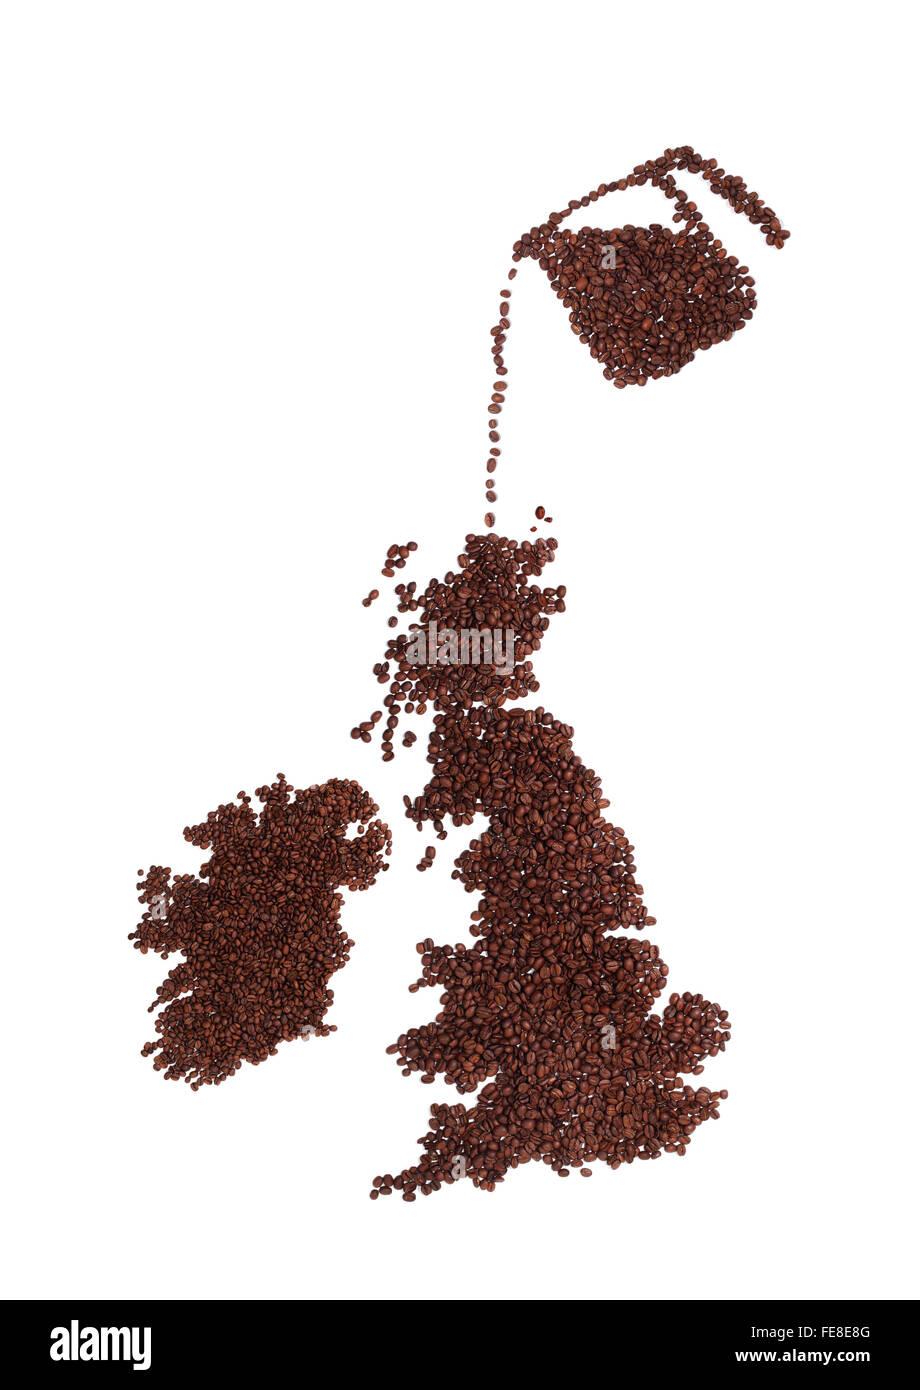 Pot de café Verser les haricots sur une carte de l'Angleterre, l'Irlande et l'Ecosse. Brown, tous Photo Stock